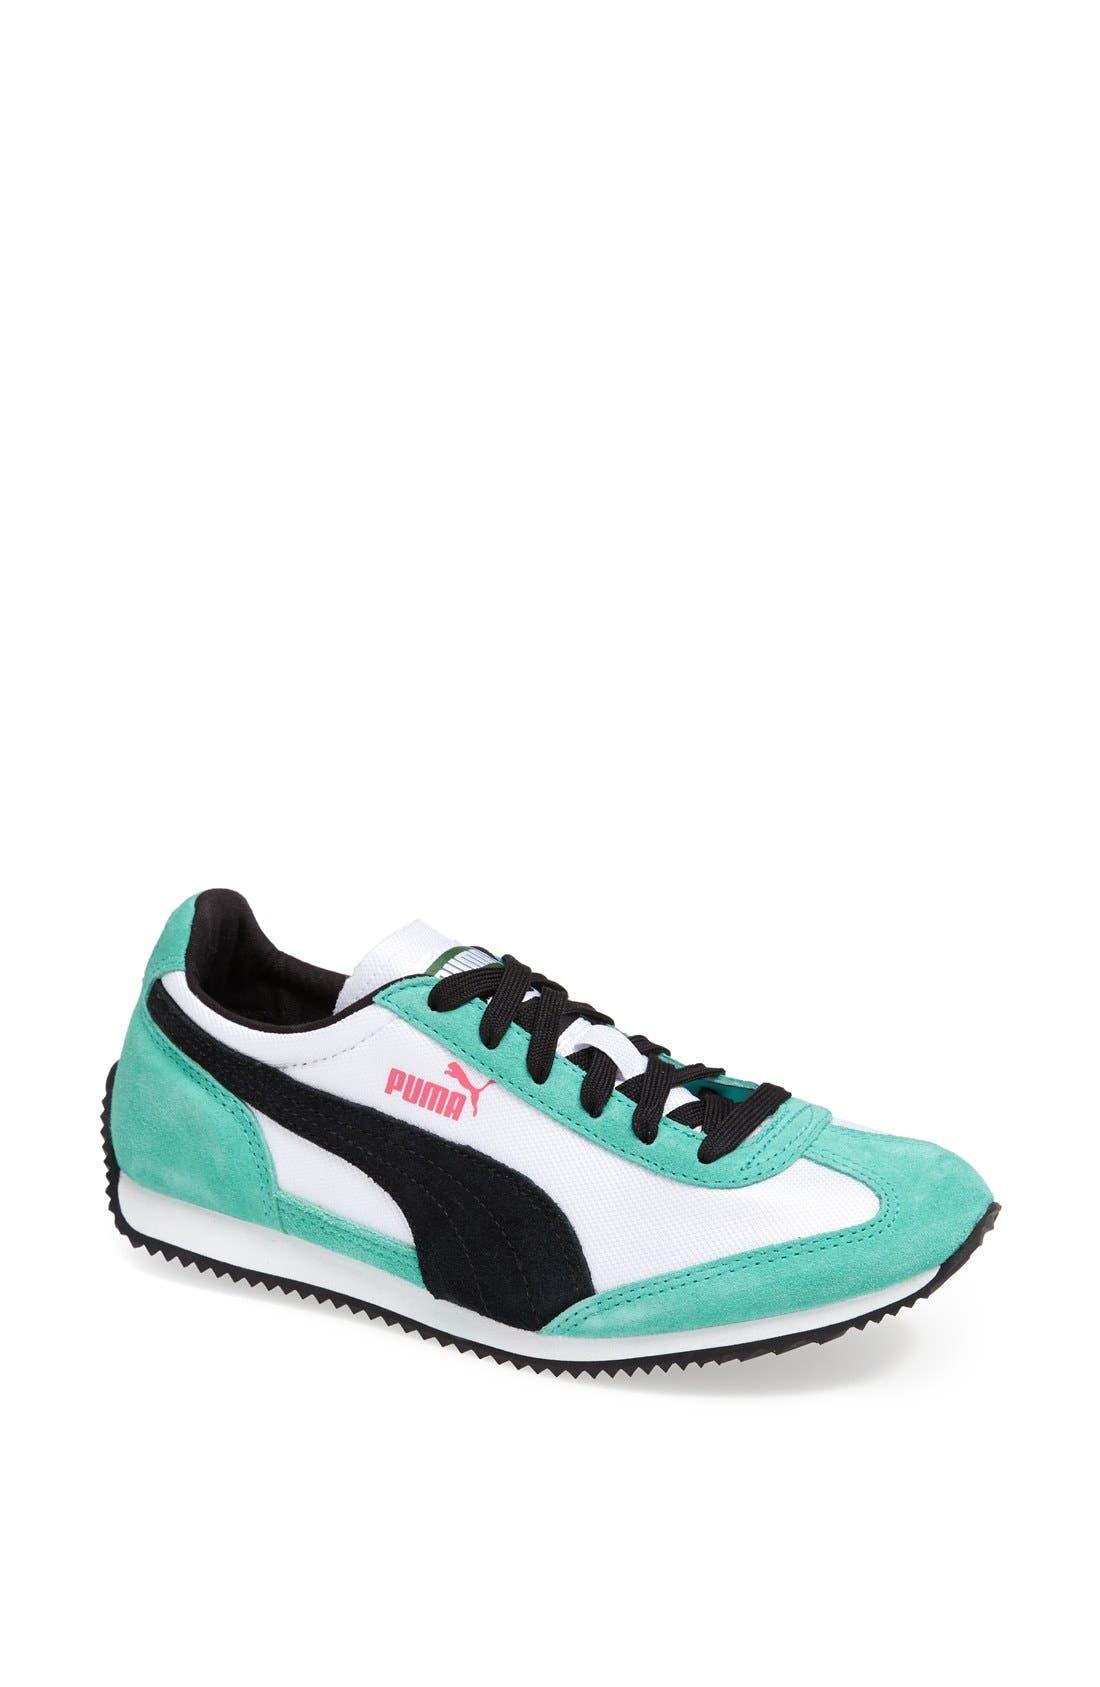 Alternate Image 1 Selected - PUMA 'SF77' Sneaker (Women)